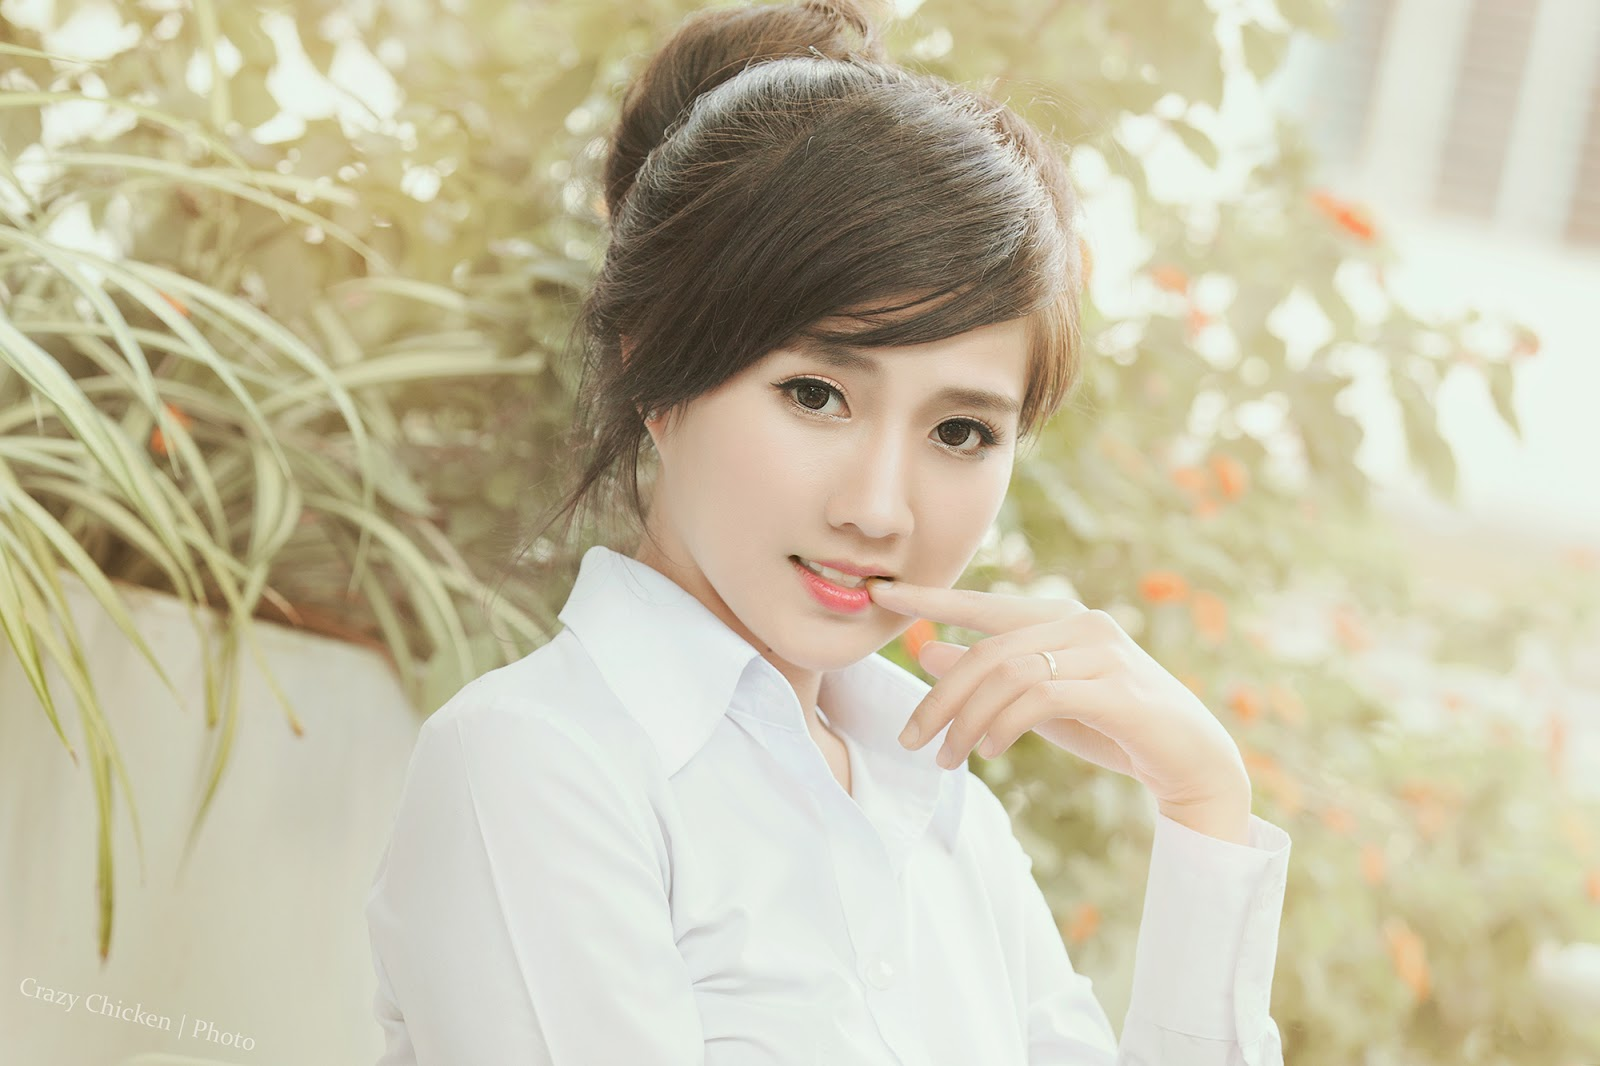 Nguyen Hoang Kieu Trinh Hot Pic